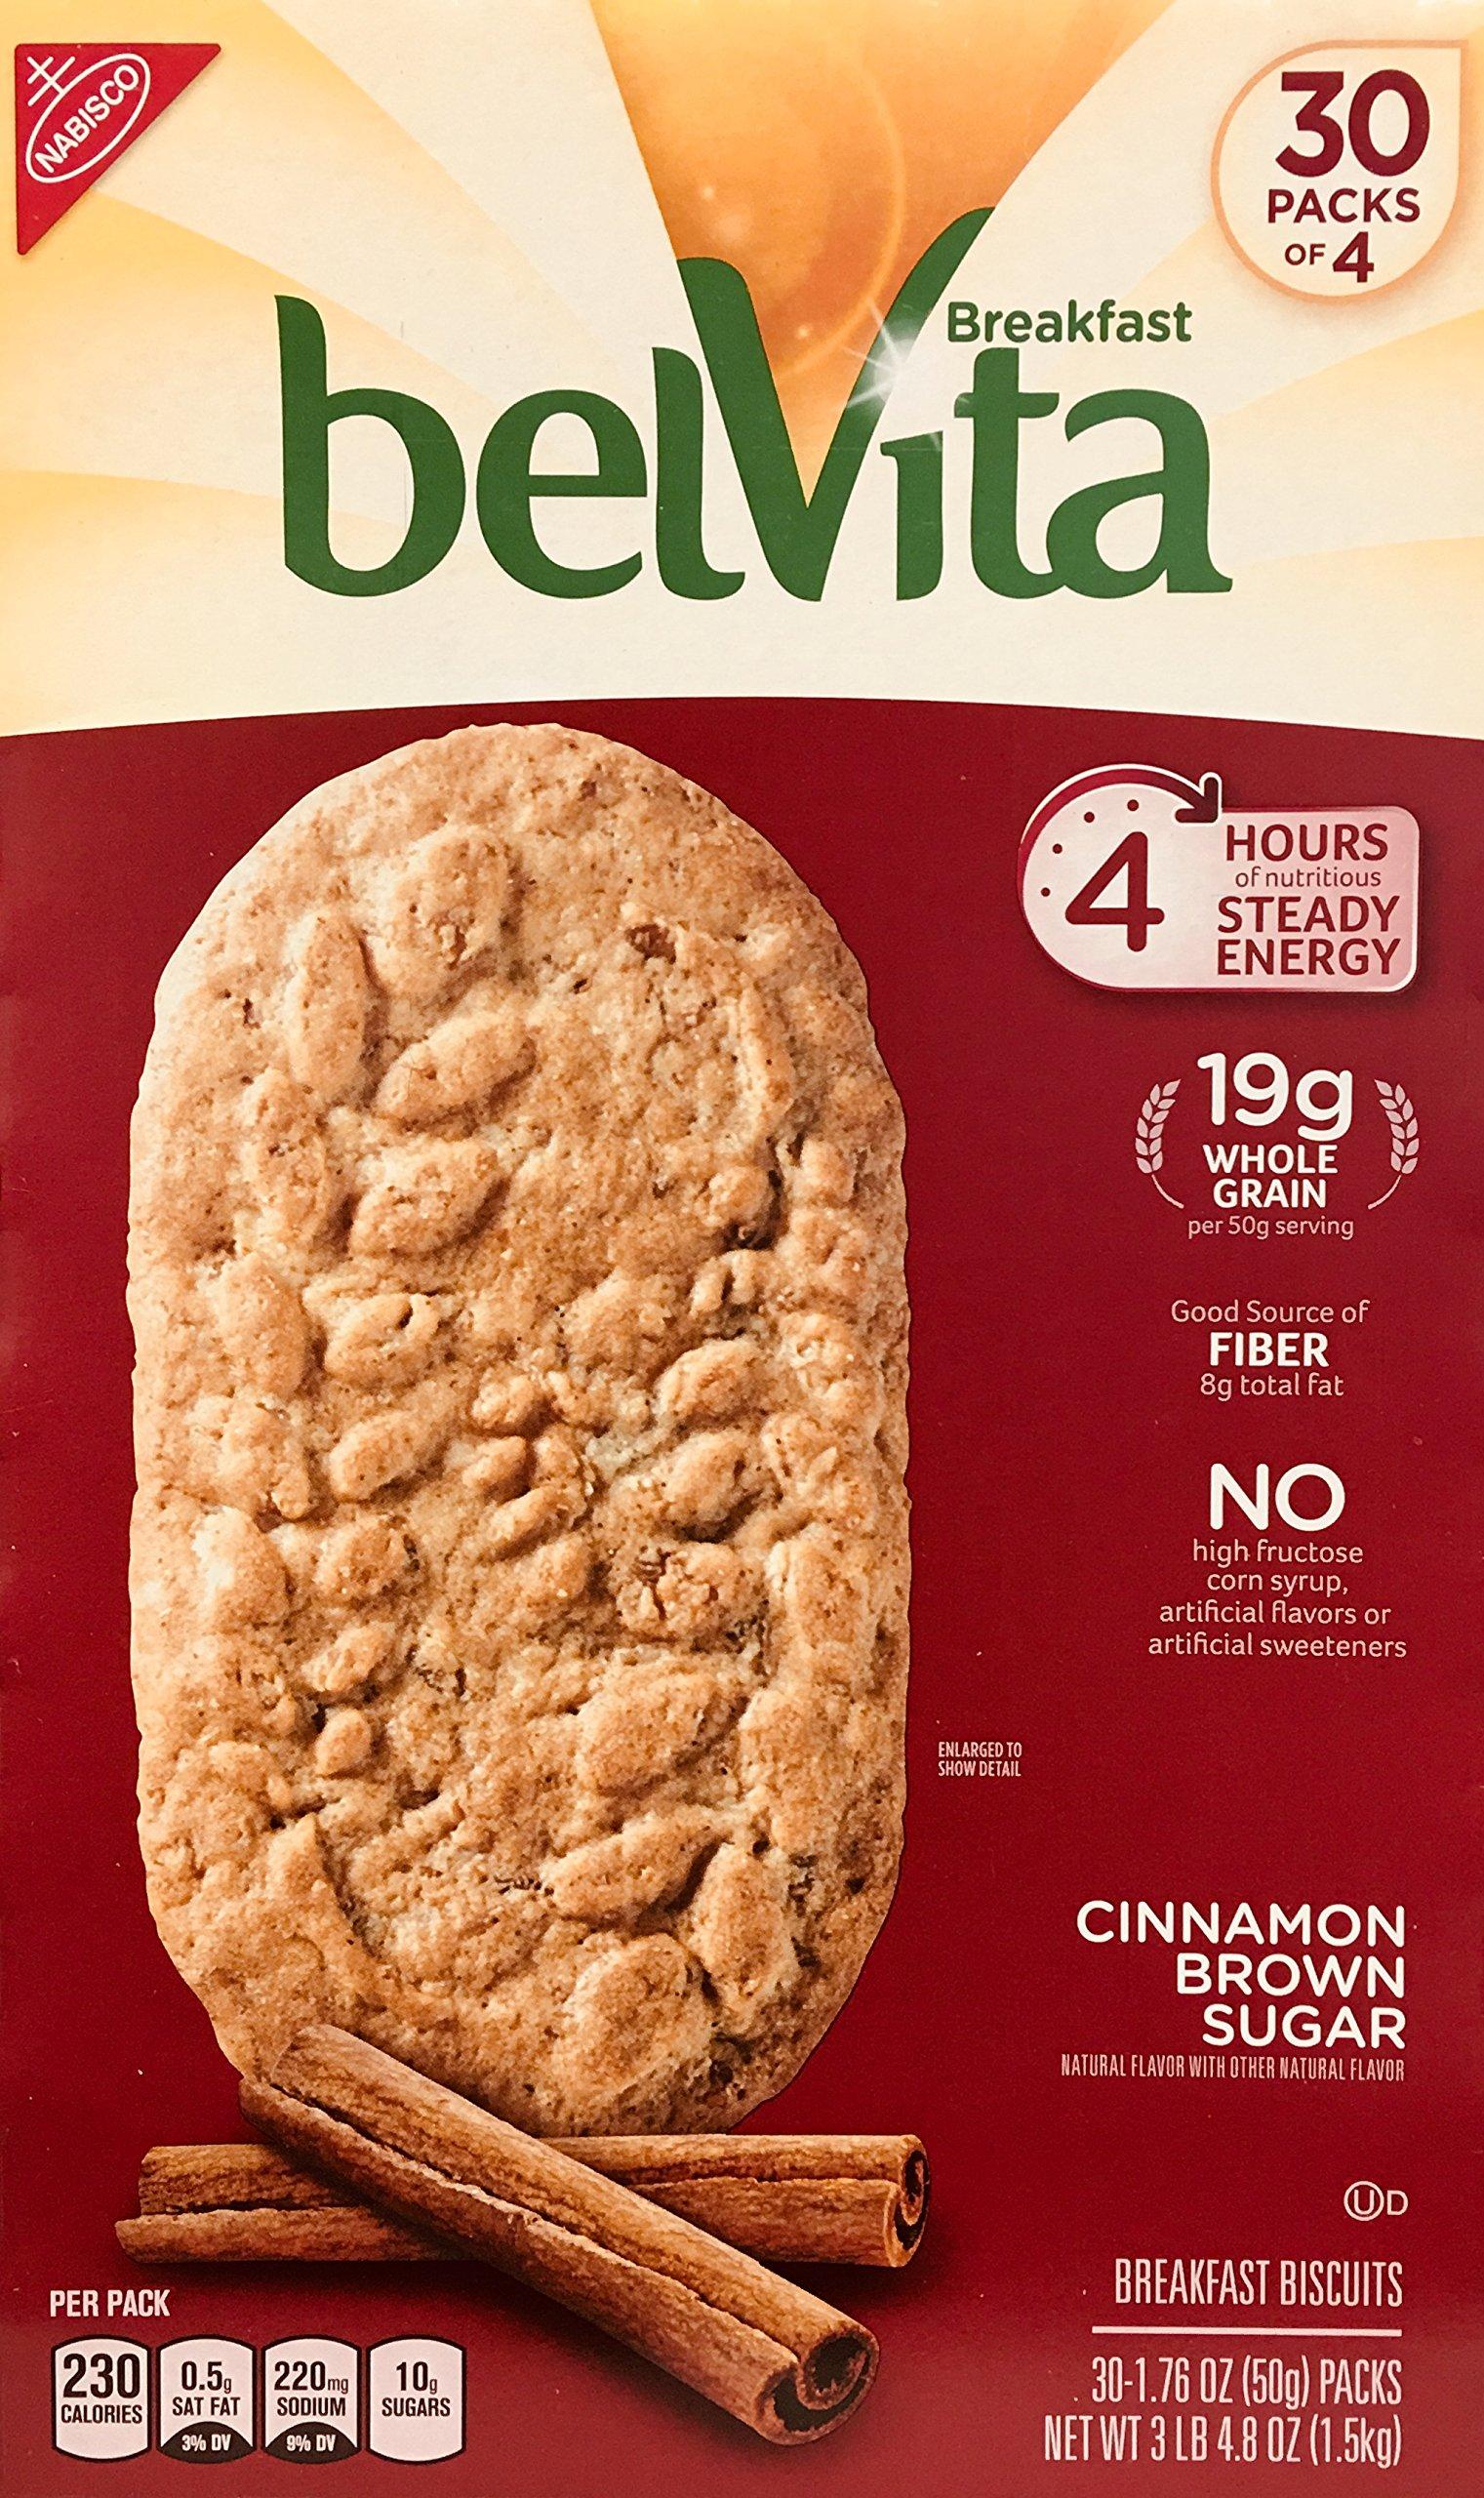 Belvita Cinnamon Brown Sugar Biscuits, 1.76 oz, 30Count, 4 Pack by Belvita